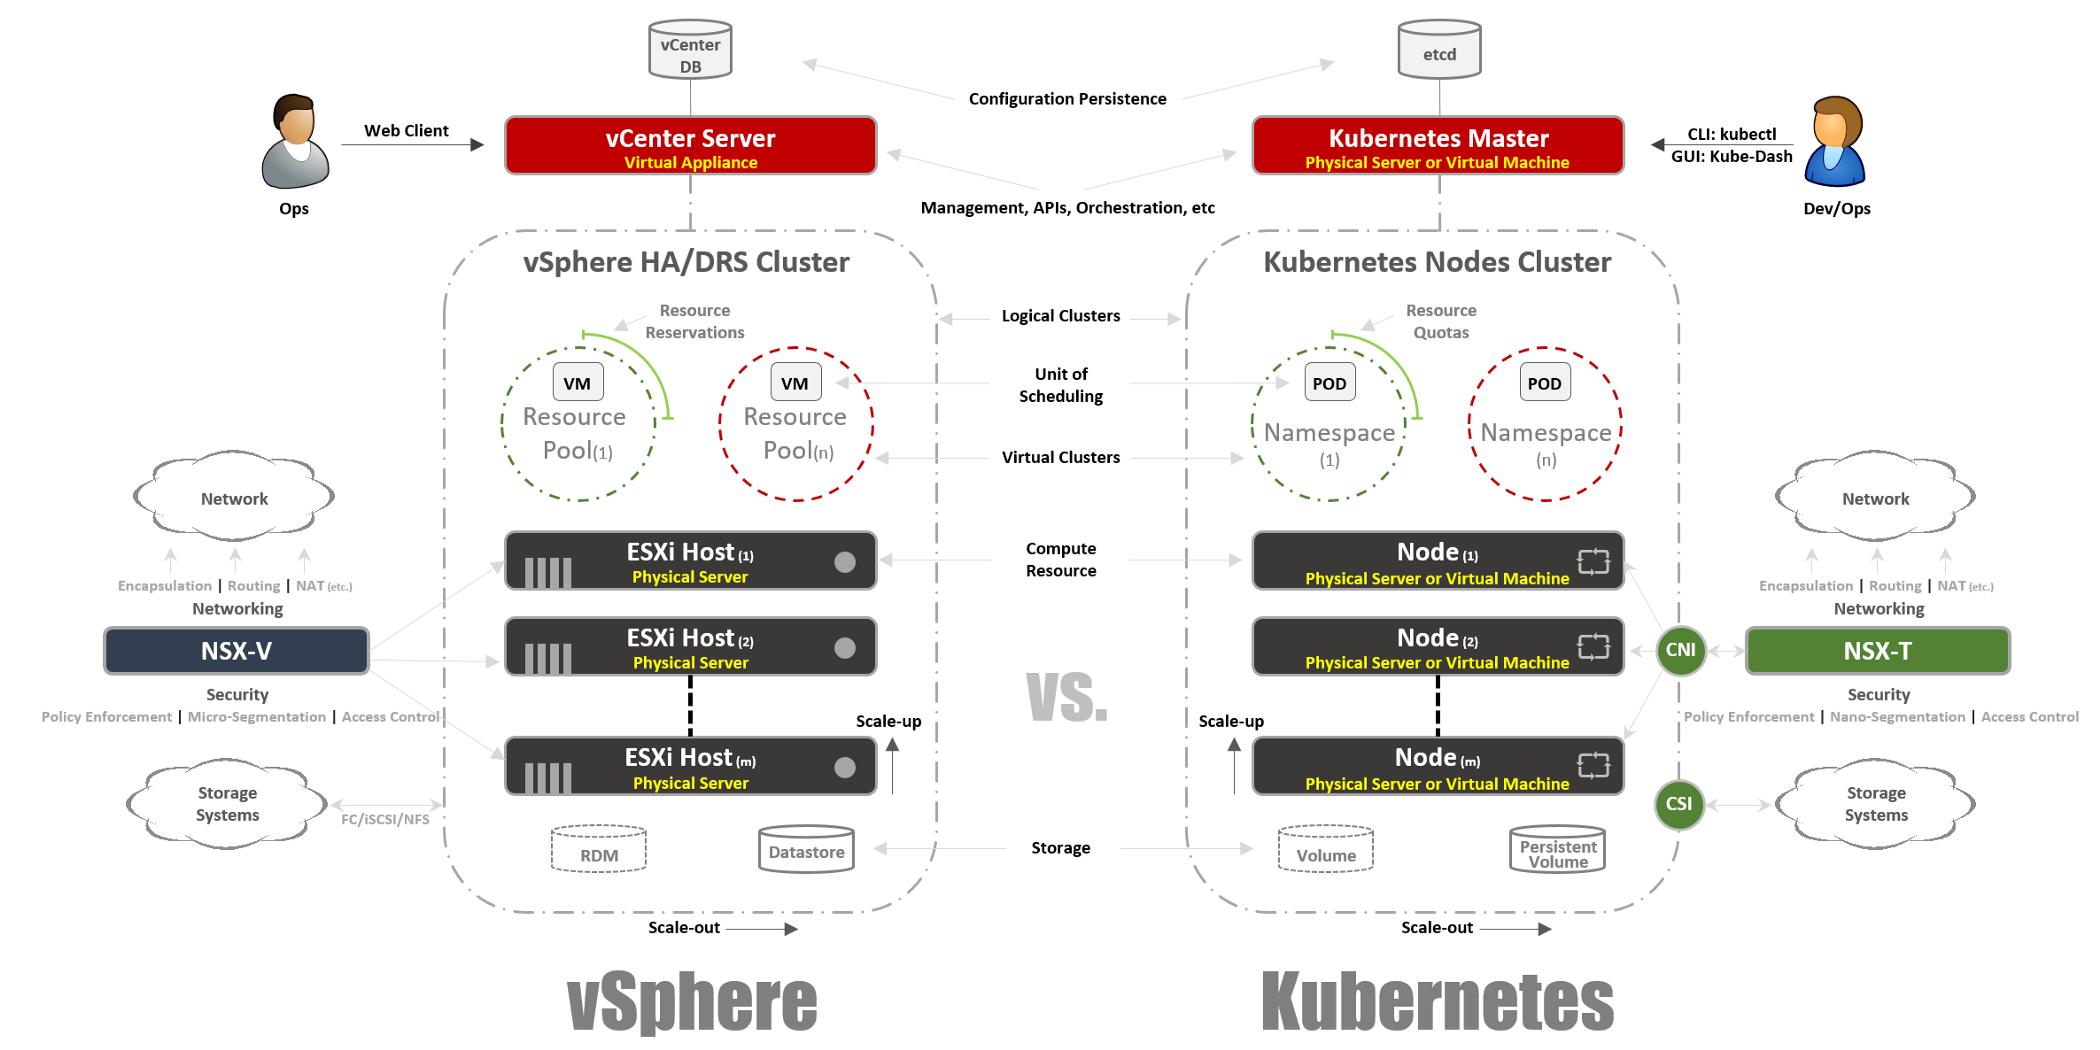 Введение в Kubernetes для пользователей VMware. Часть 1. Теория - 1